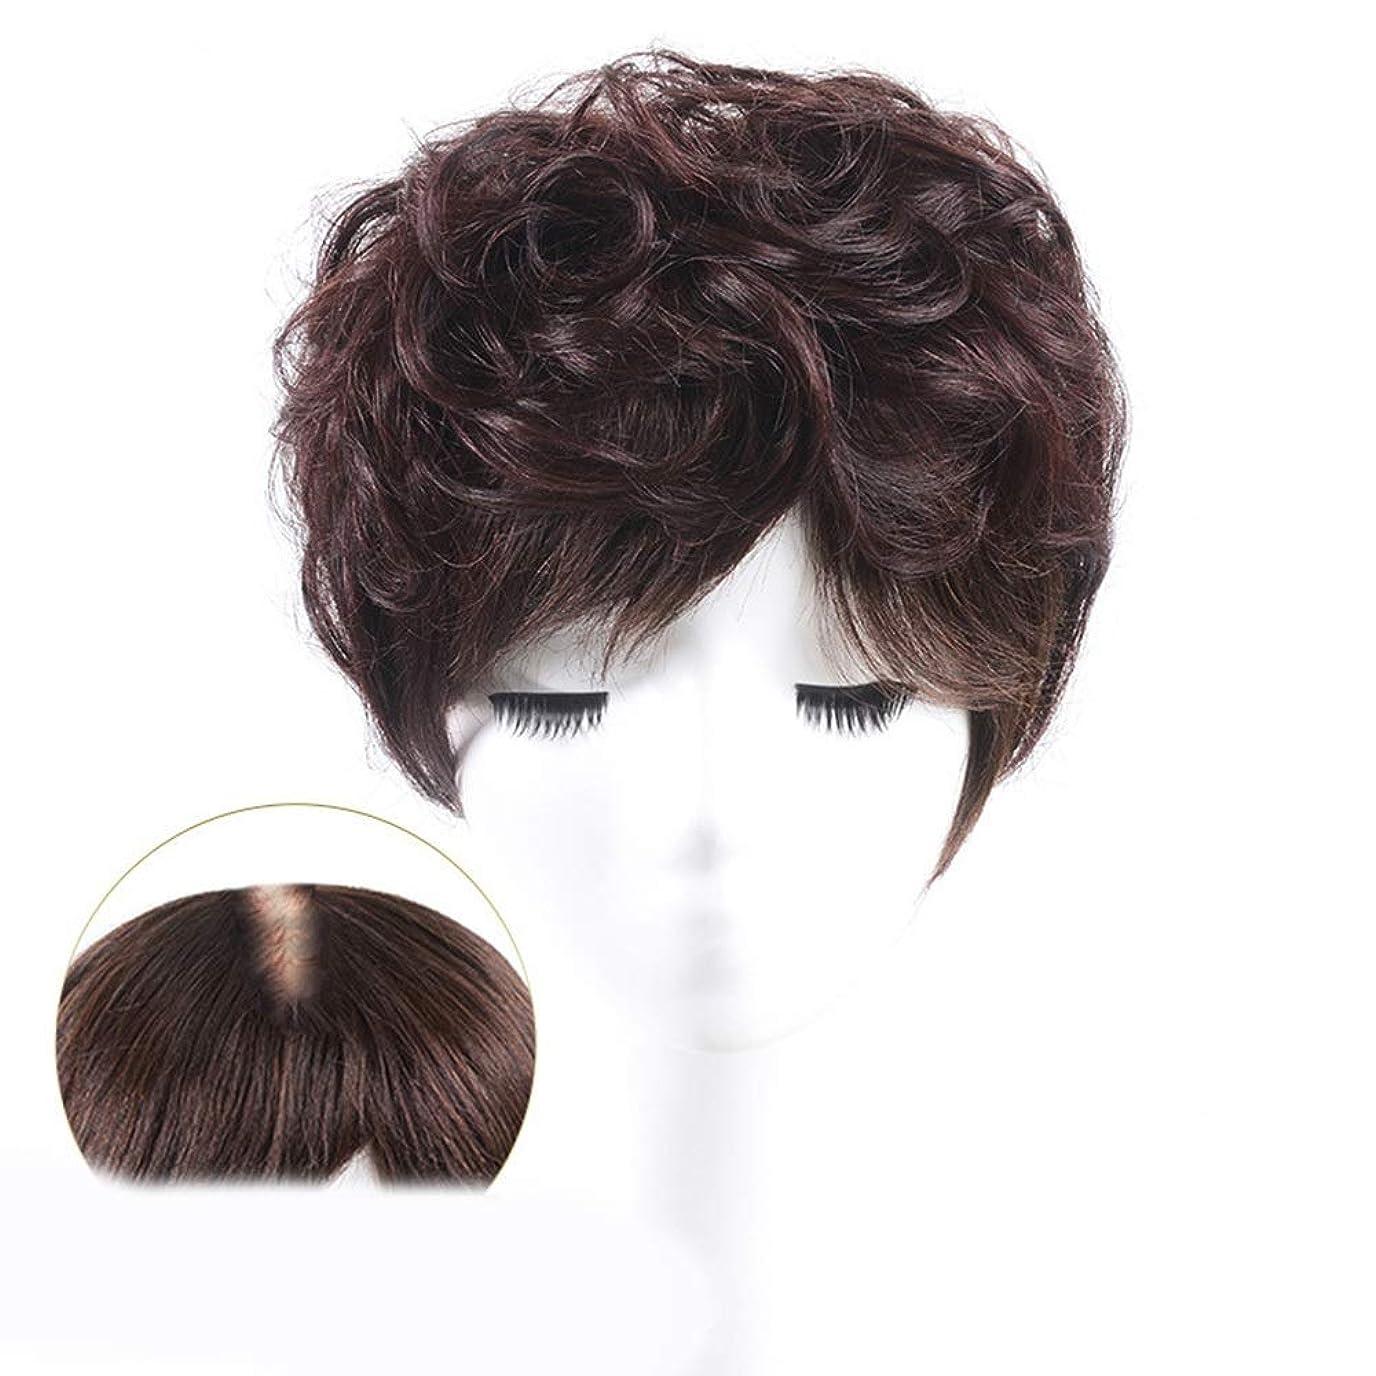 ポンプスローリーフレットYrattary 100%本物の髪天然ふわふわショートカーリーヘアエクステンションカバー白髪ウィッグパーティーかつら (Color : Dark brown, サイズ : 15cm)